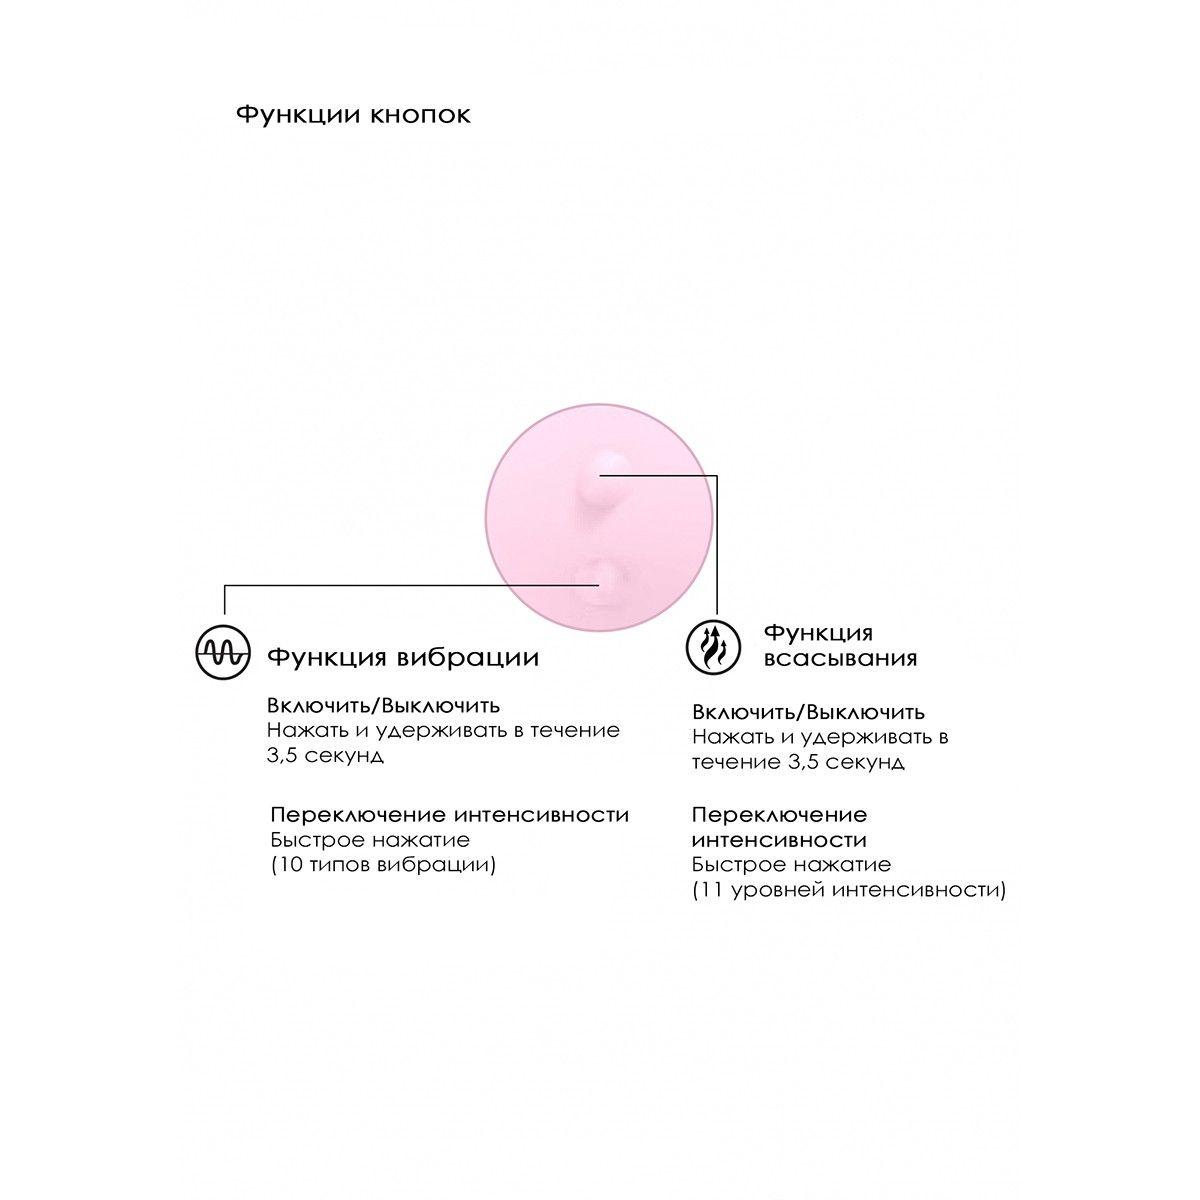 Розовый вакуум-волновой массажер с двойной стимуляцией Irresistible Mythical - фото 179831